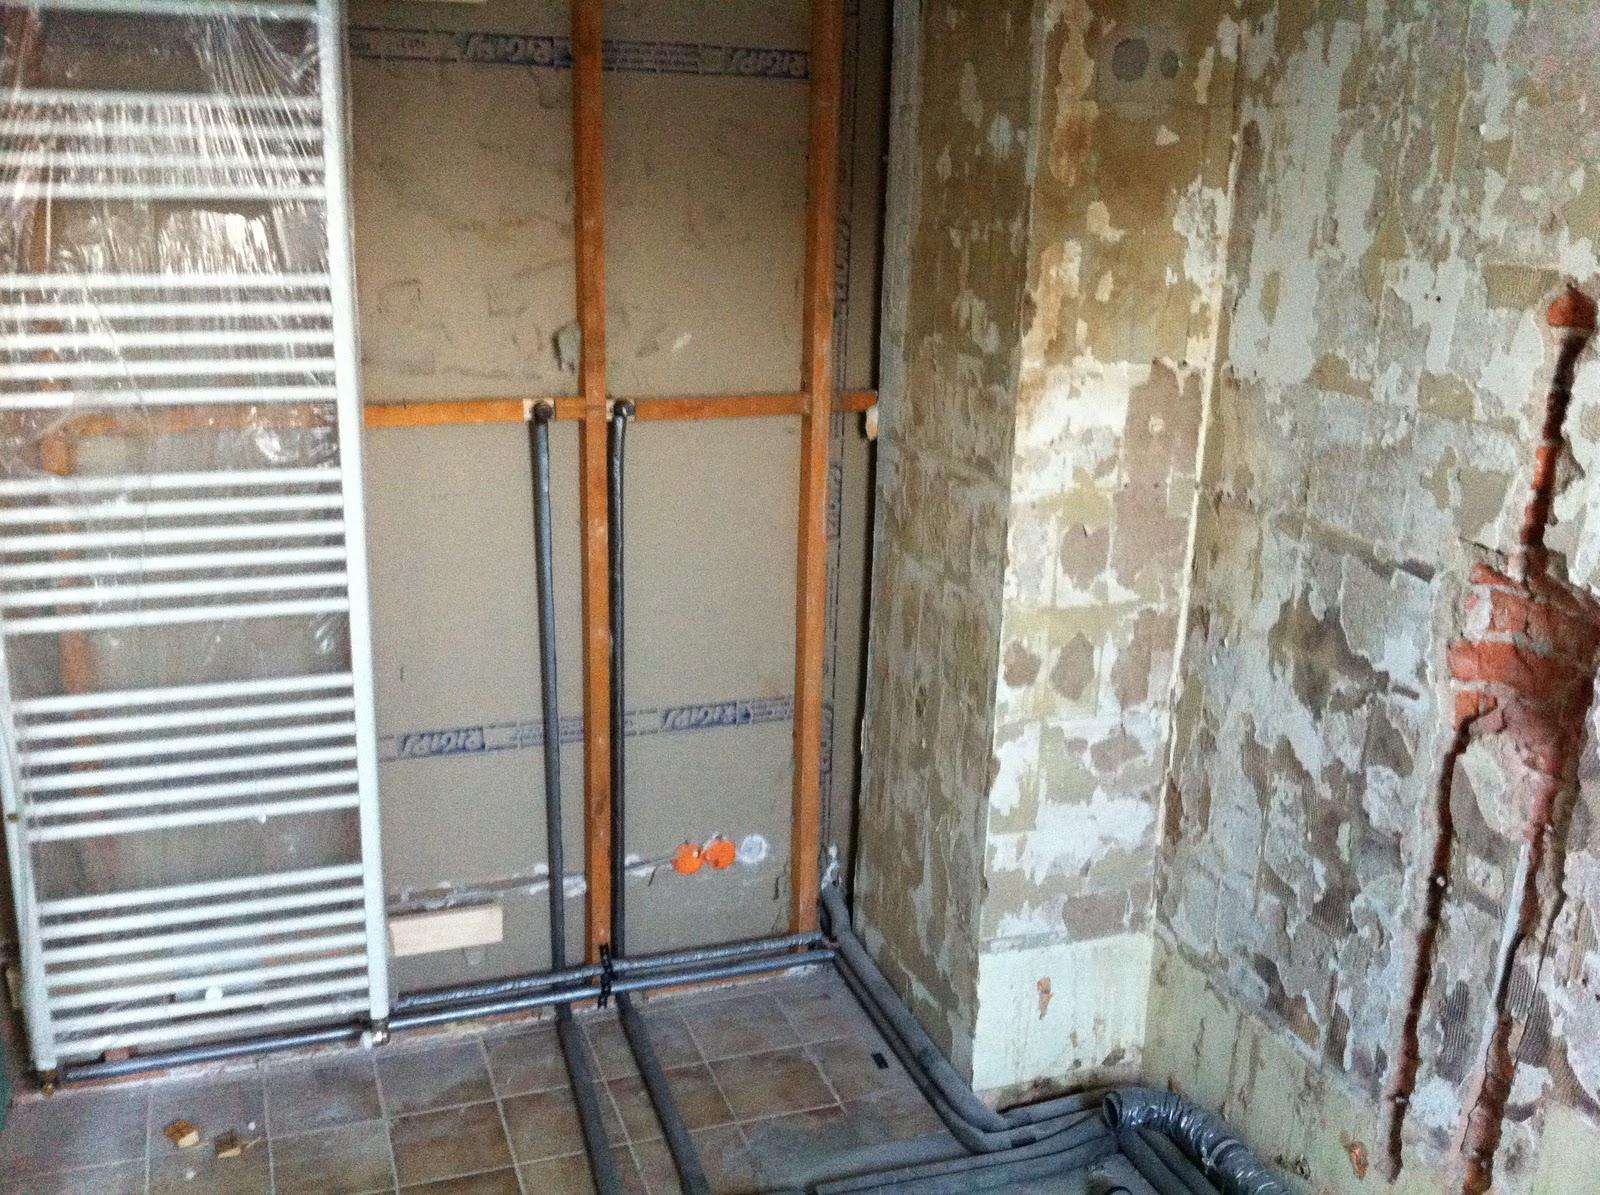 abenteuer renovierung flur decke abh ngen kabelsalat wasserleitungen. Black Bedroom Furniture Sets. Home Design Ideas